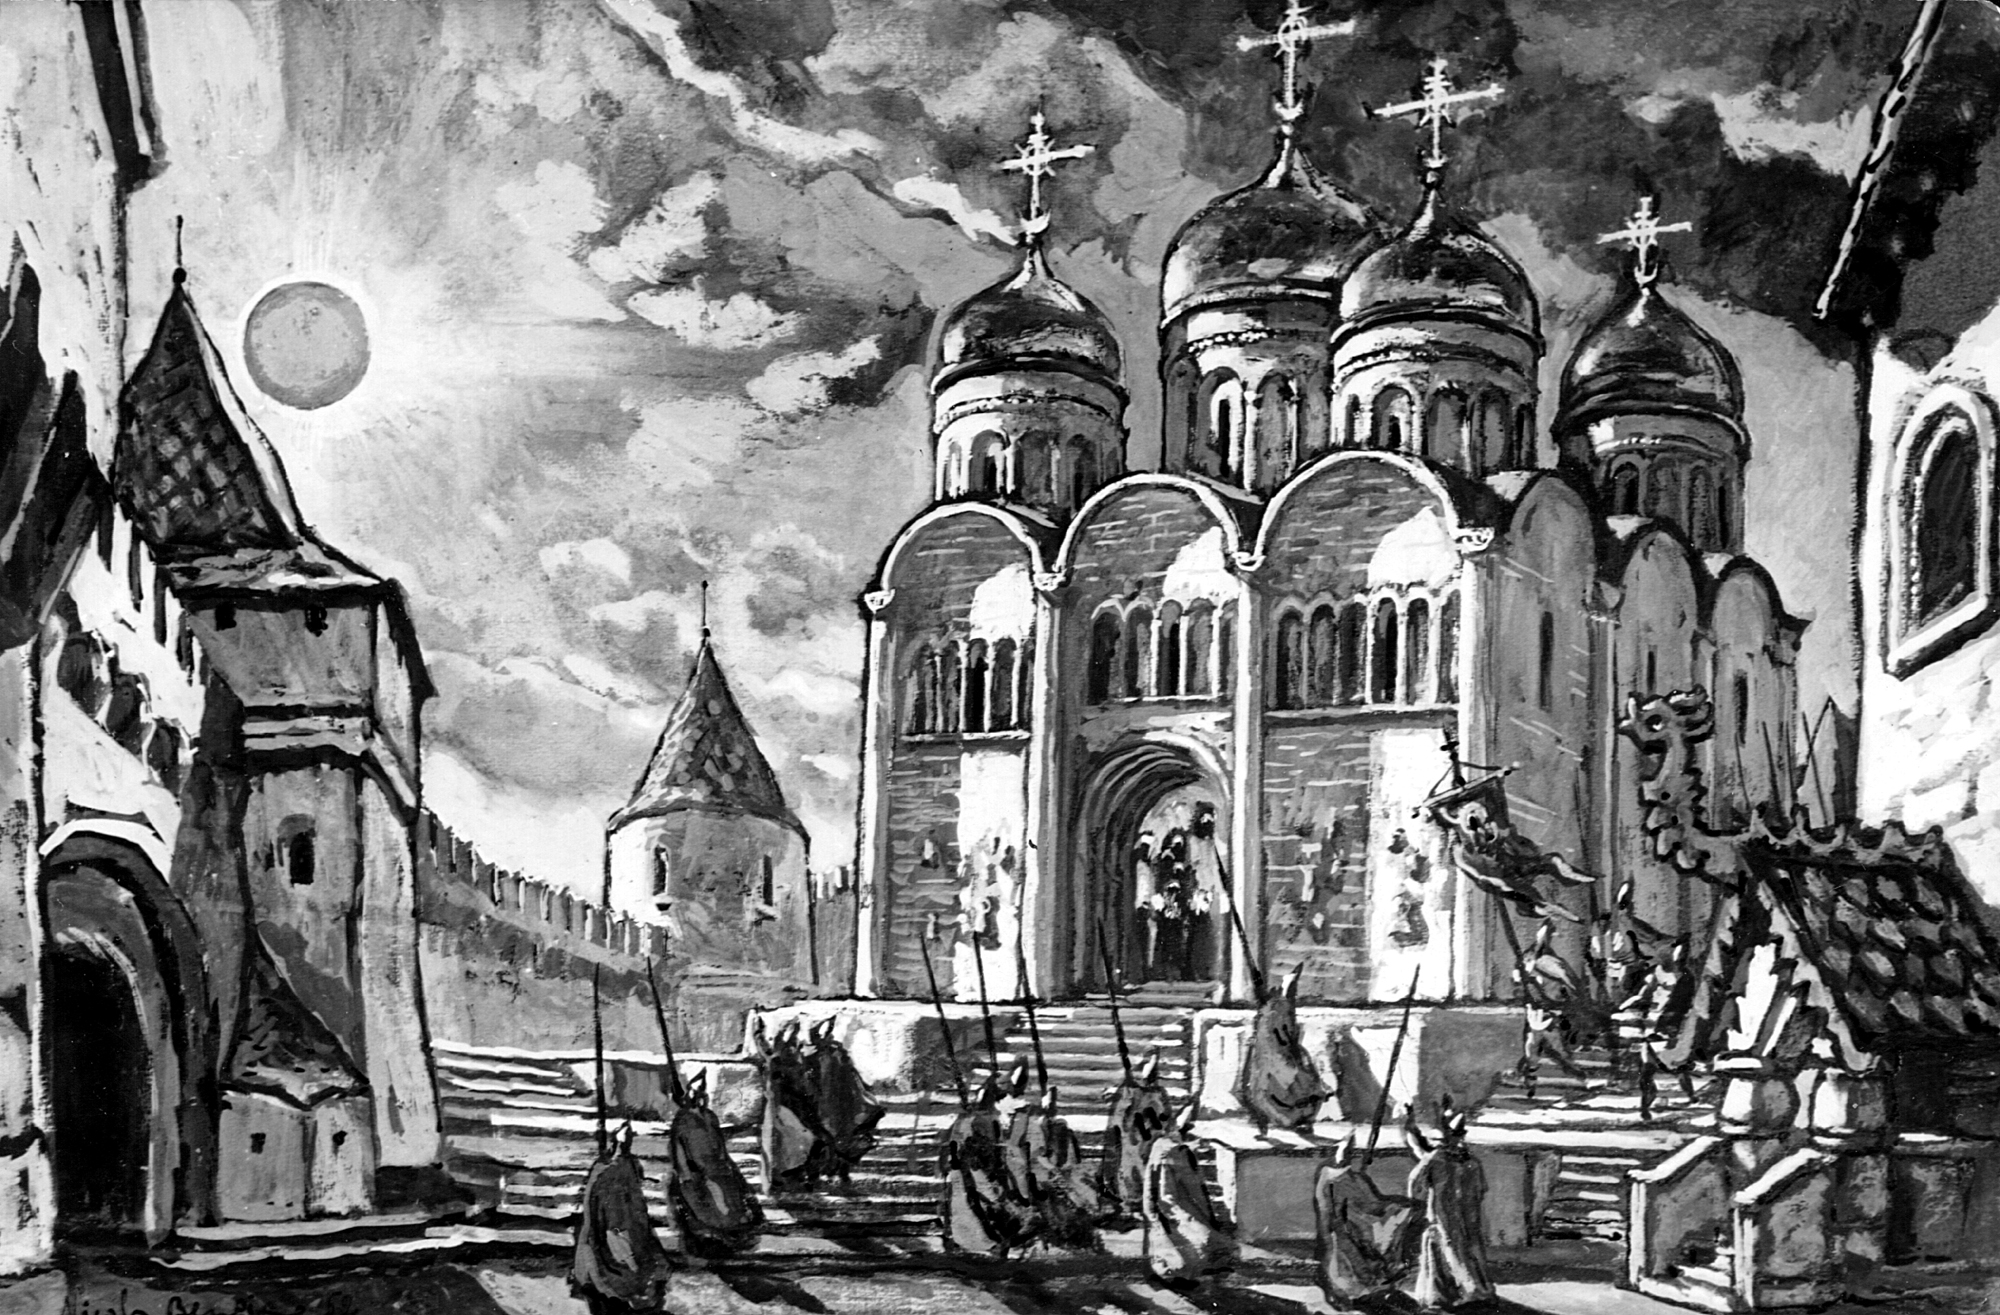 мне иллюстрации к опере князь игорь рисунки бывший котлован, где